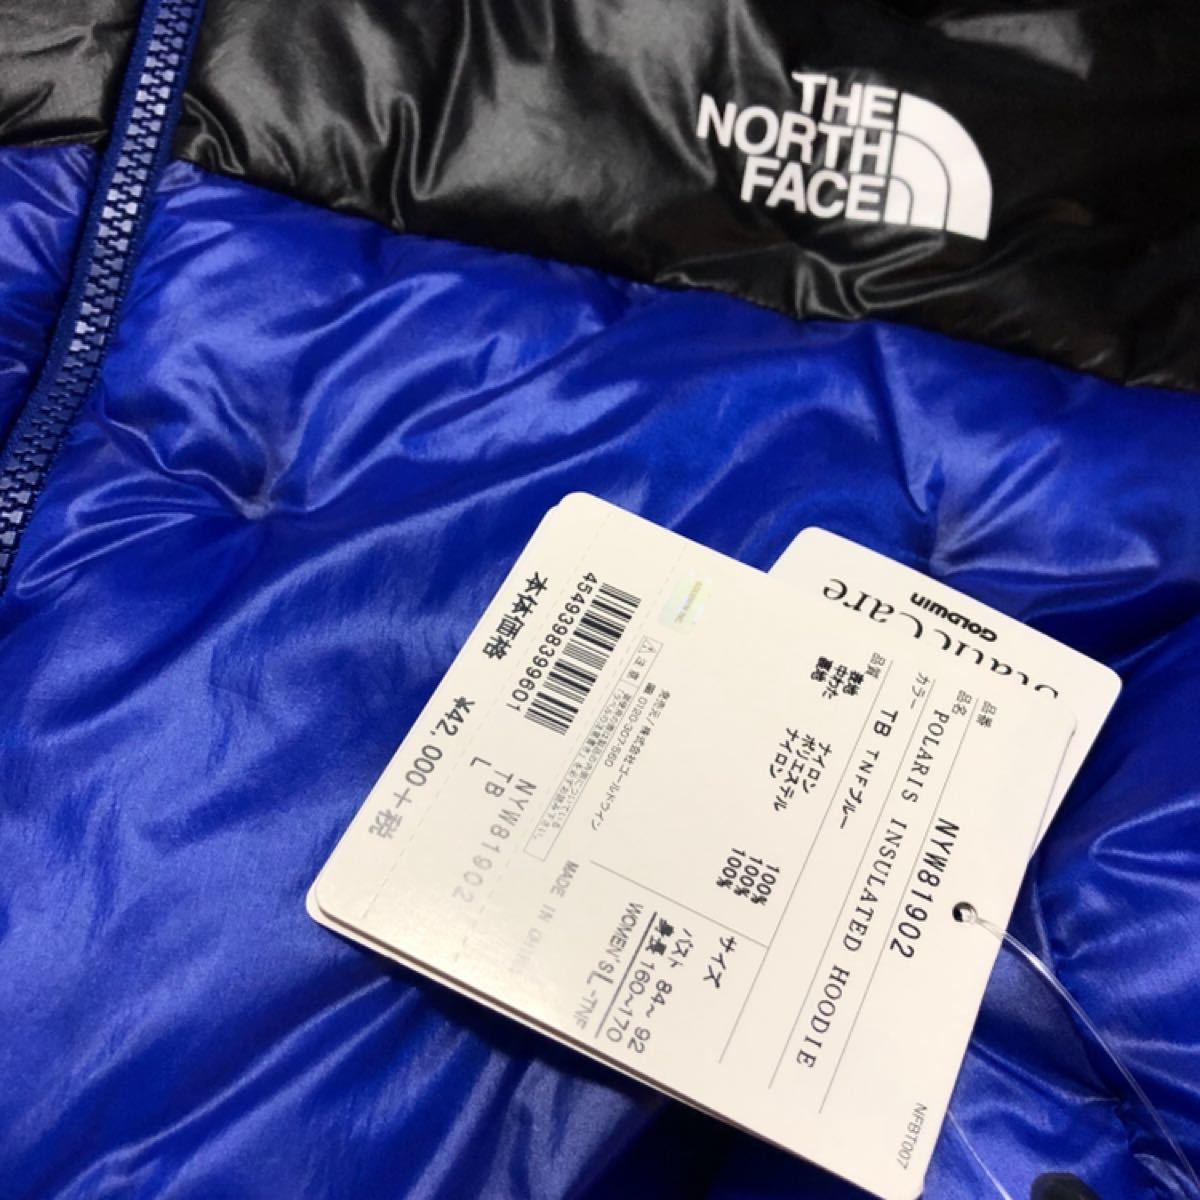 THE NORTH FACE ザノースフェイス ダウンジャケット青 レディースL